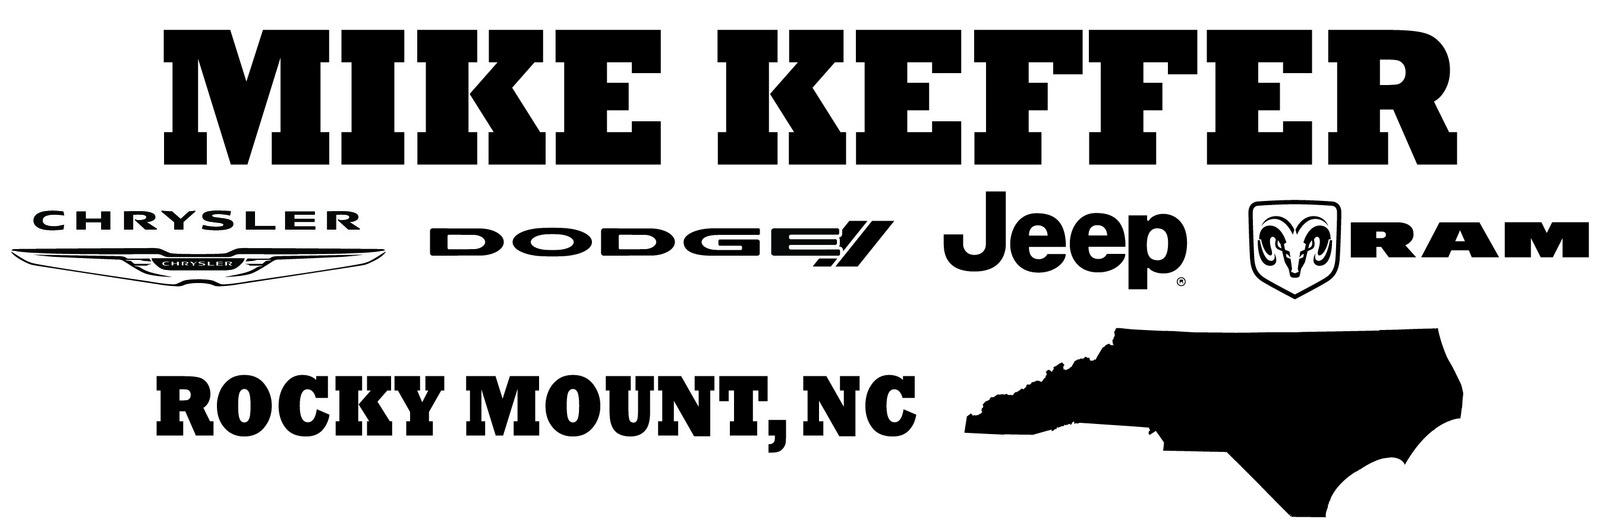 mike keffer chrysler jeep dodge pic 7901346937998682374. Black Bedroom Furniture Sets. Home Design Ideas